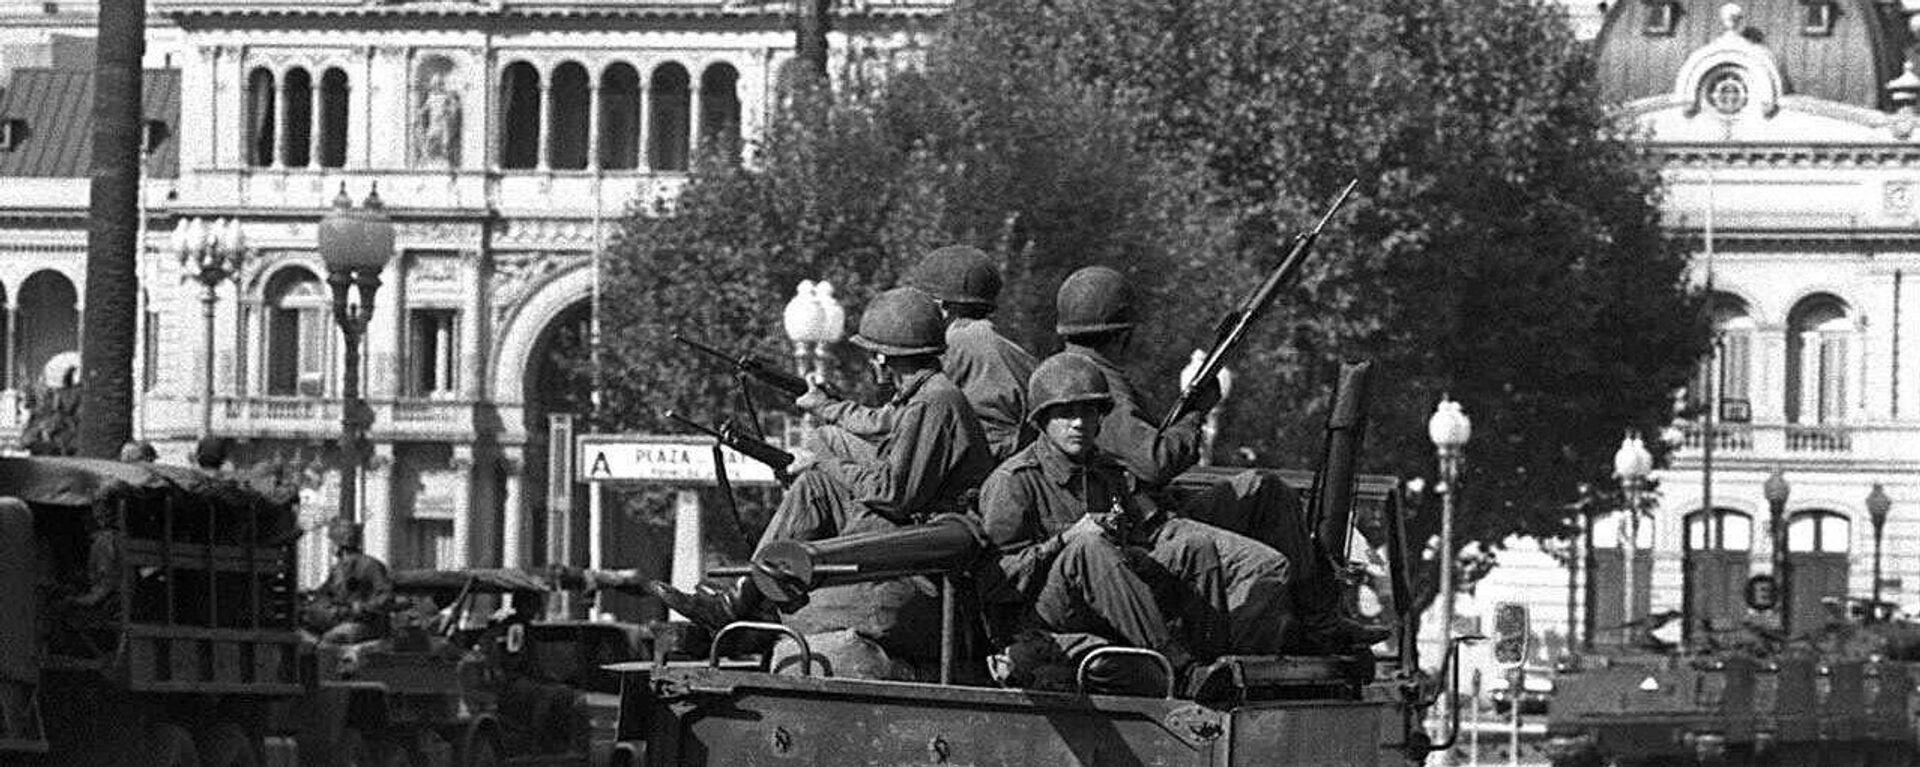 Soldados del ejército patrullan la Plaza de Mayo de Buenos Aires el 24 de marzo de 1976 - Sputnik Mundo, 1920, 24.03.2021